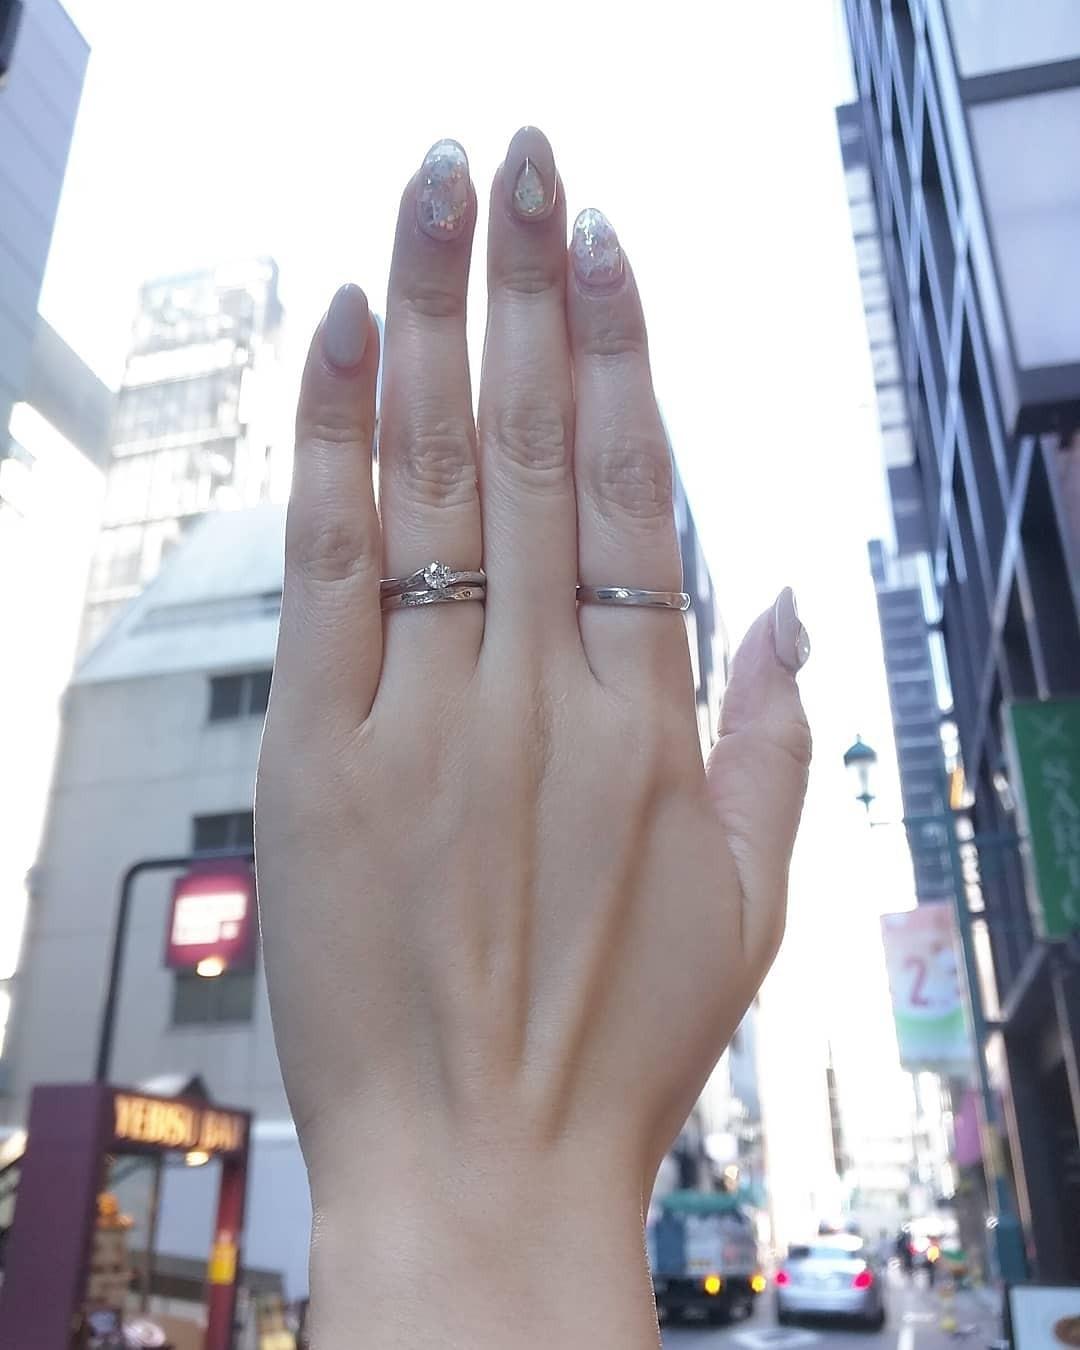 ぴったり合う重ね付けができるシンプルプラチナの婚約指輪と結婚指輪のセットリング。